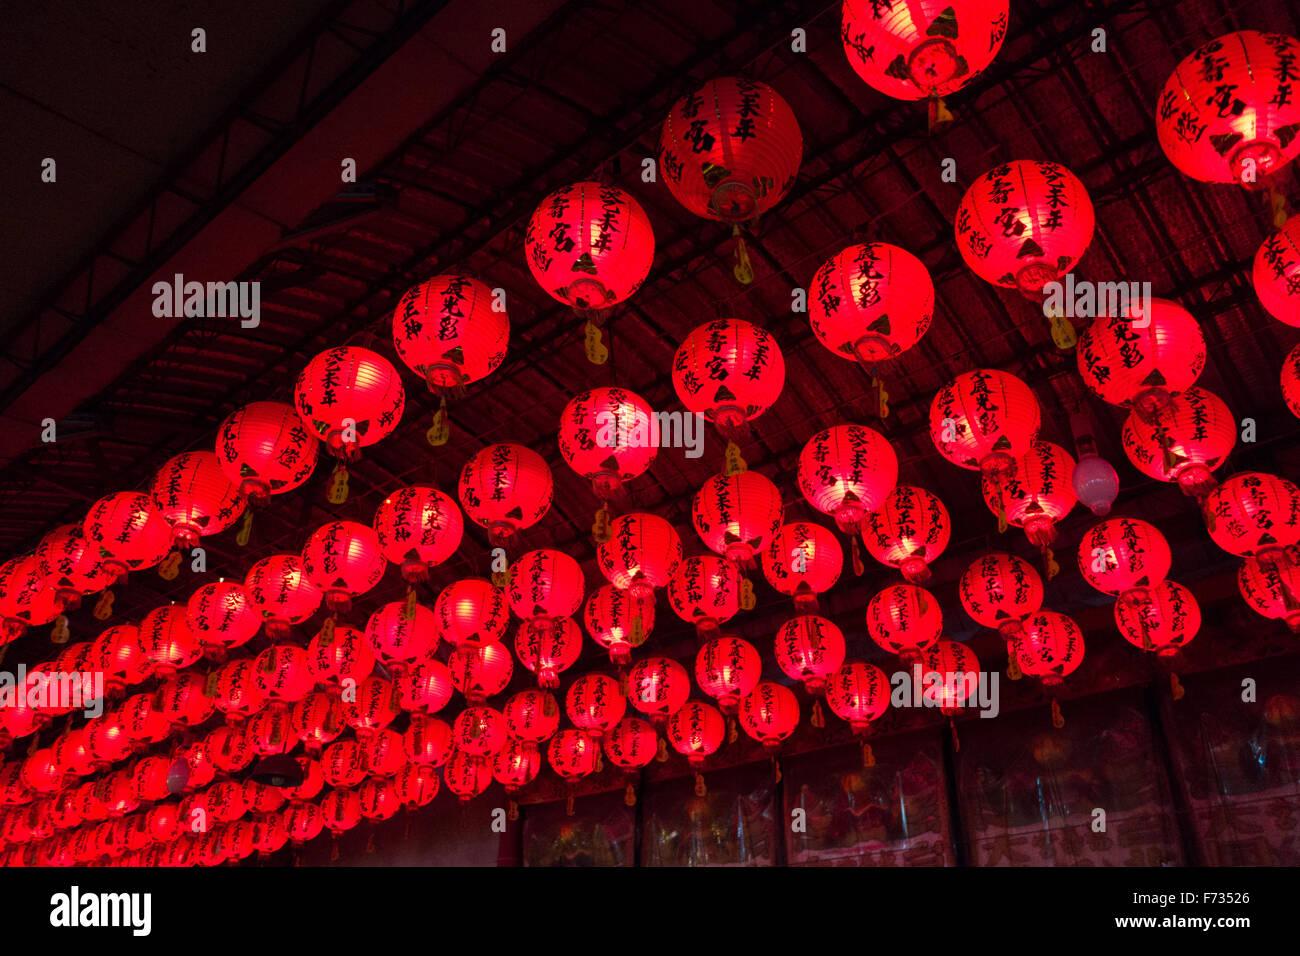 red lanterns - Stock Image